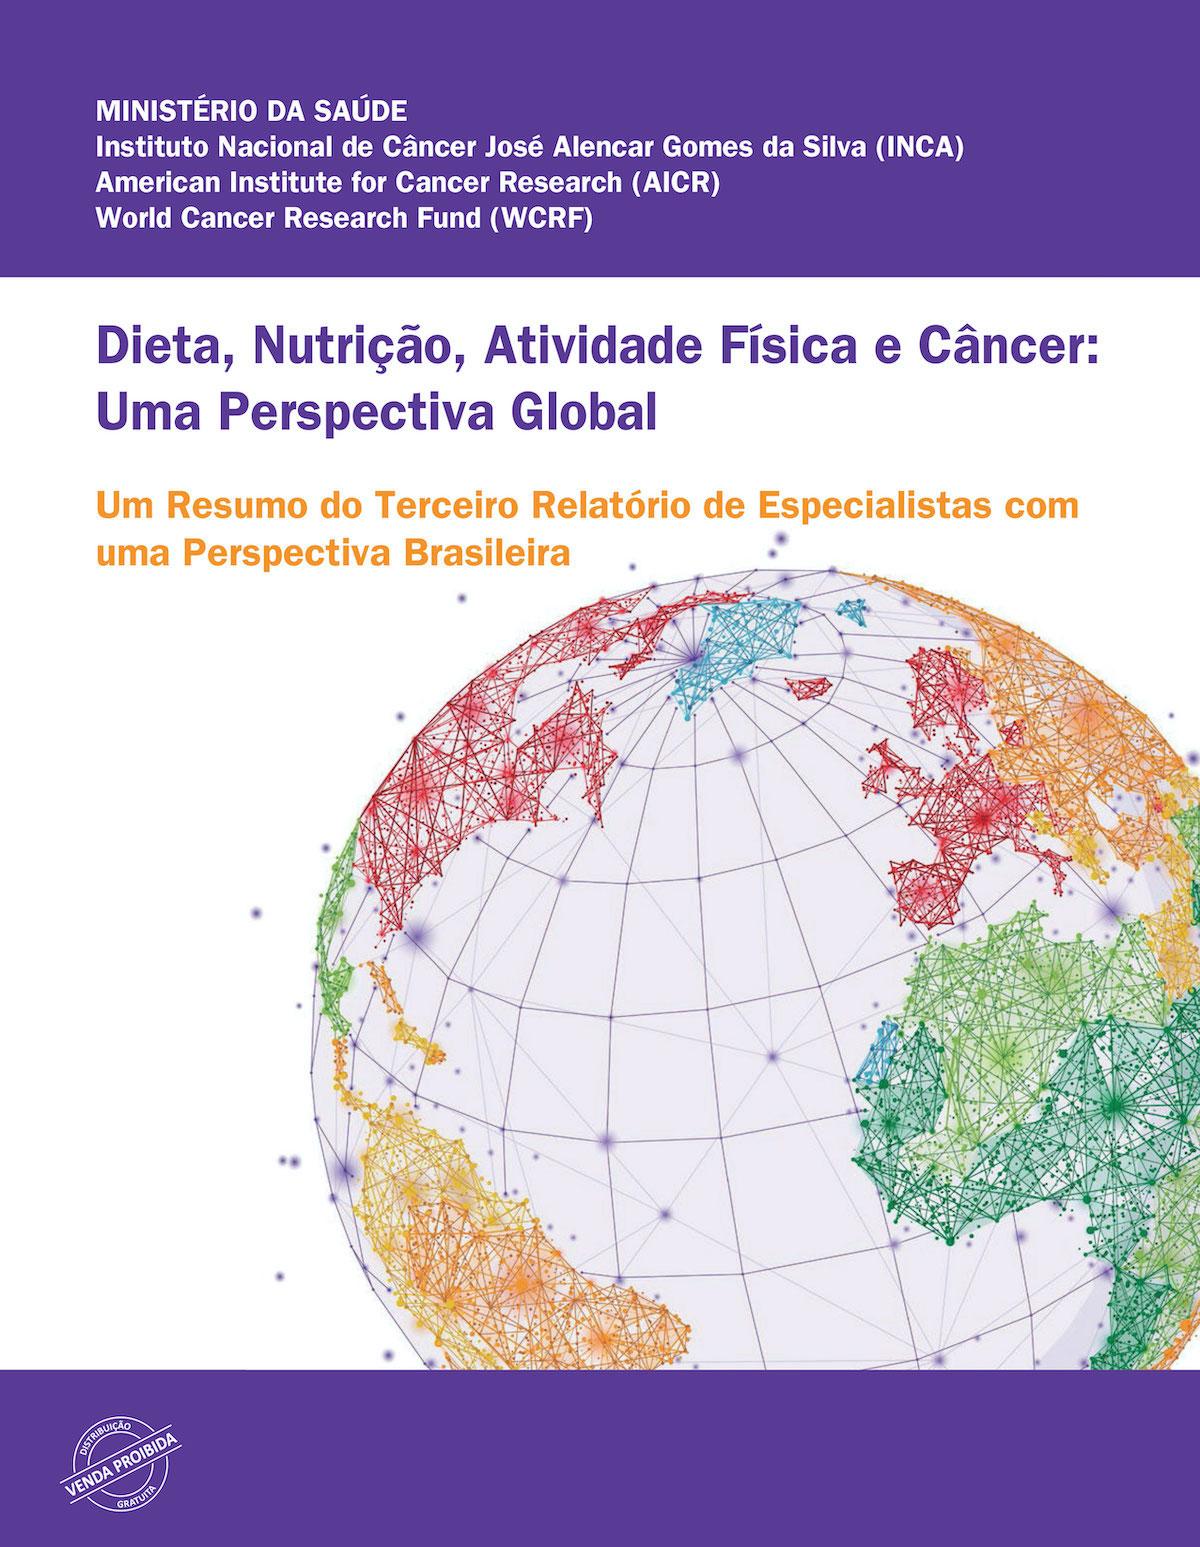 Guia INCA - análises sobre alimentação, nutrição, atividade física e câncer